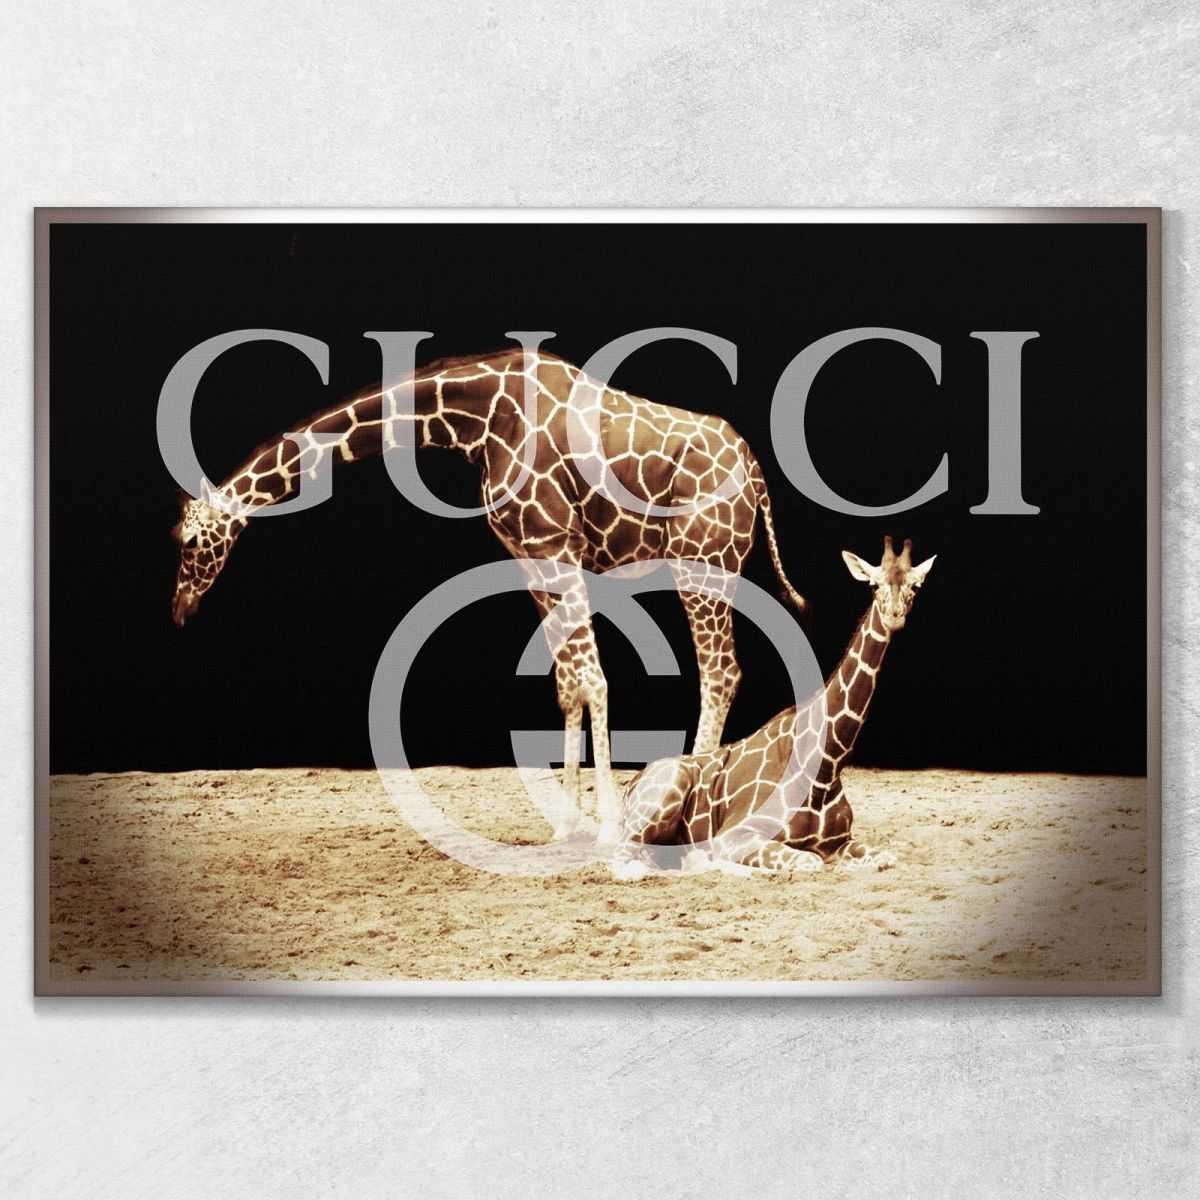 Quadro Gucci giraffe stampa su tela guo22